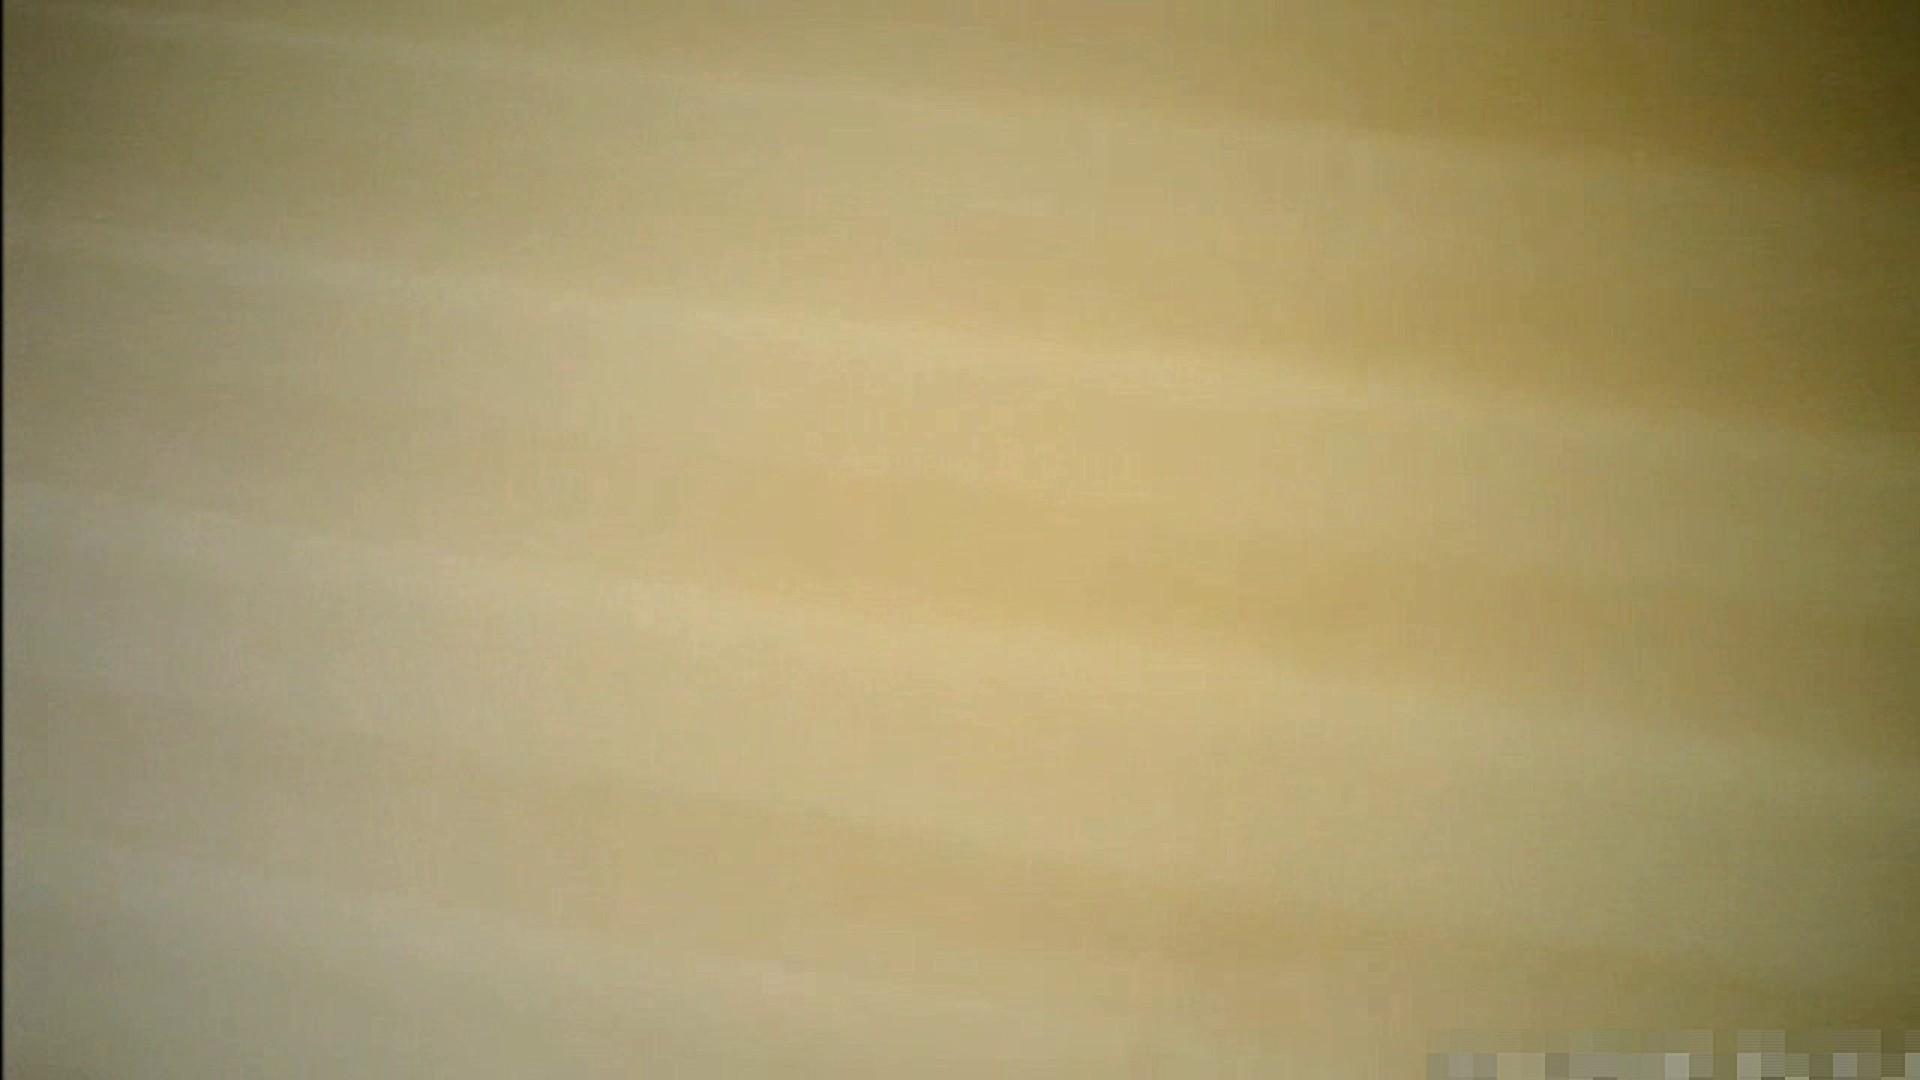 魔術師の お・も・て・な・し vol.07 19歳巨乳ギャルの入浴撮影 現役ギャル | イタズラ  95pic 16